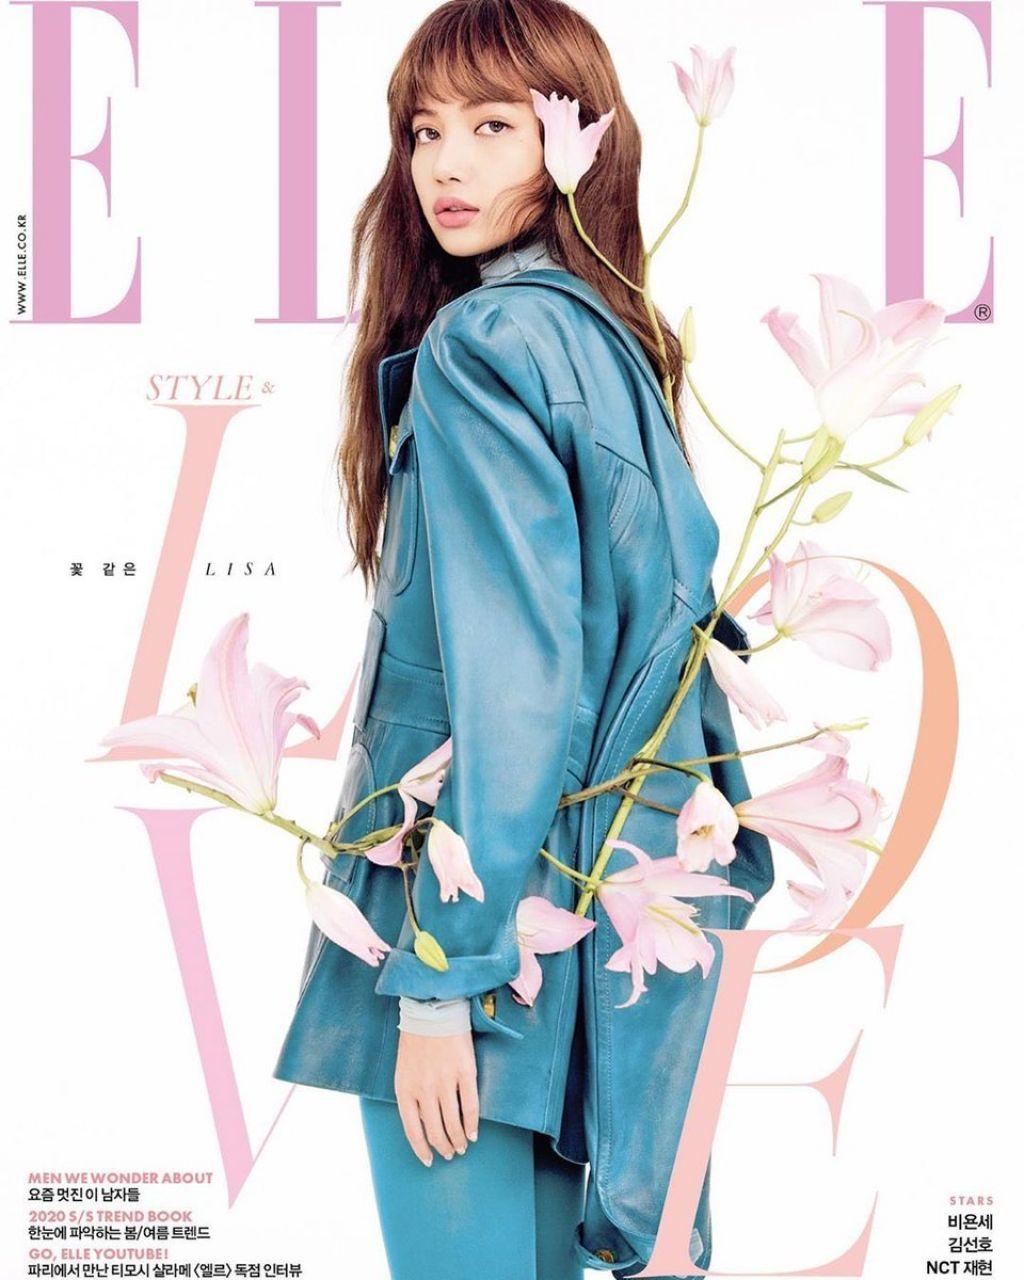 BLACKPINK's Lisa is a flower among flowers for 'Elle Korea' magazine